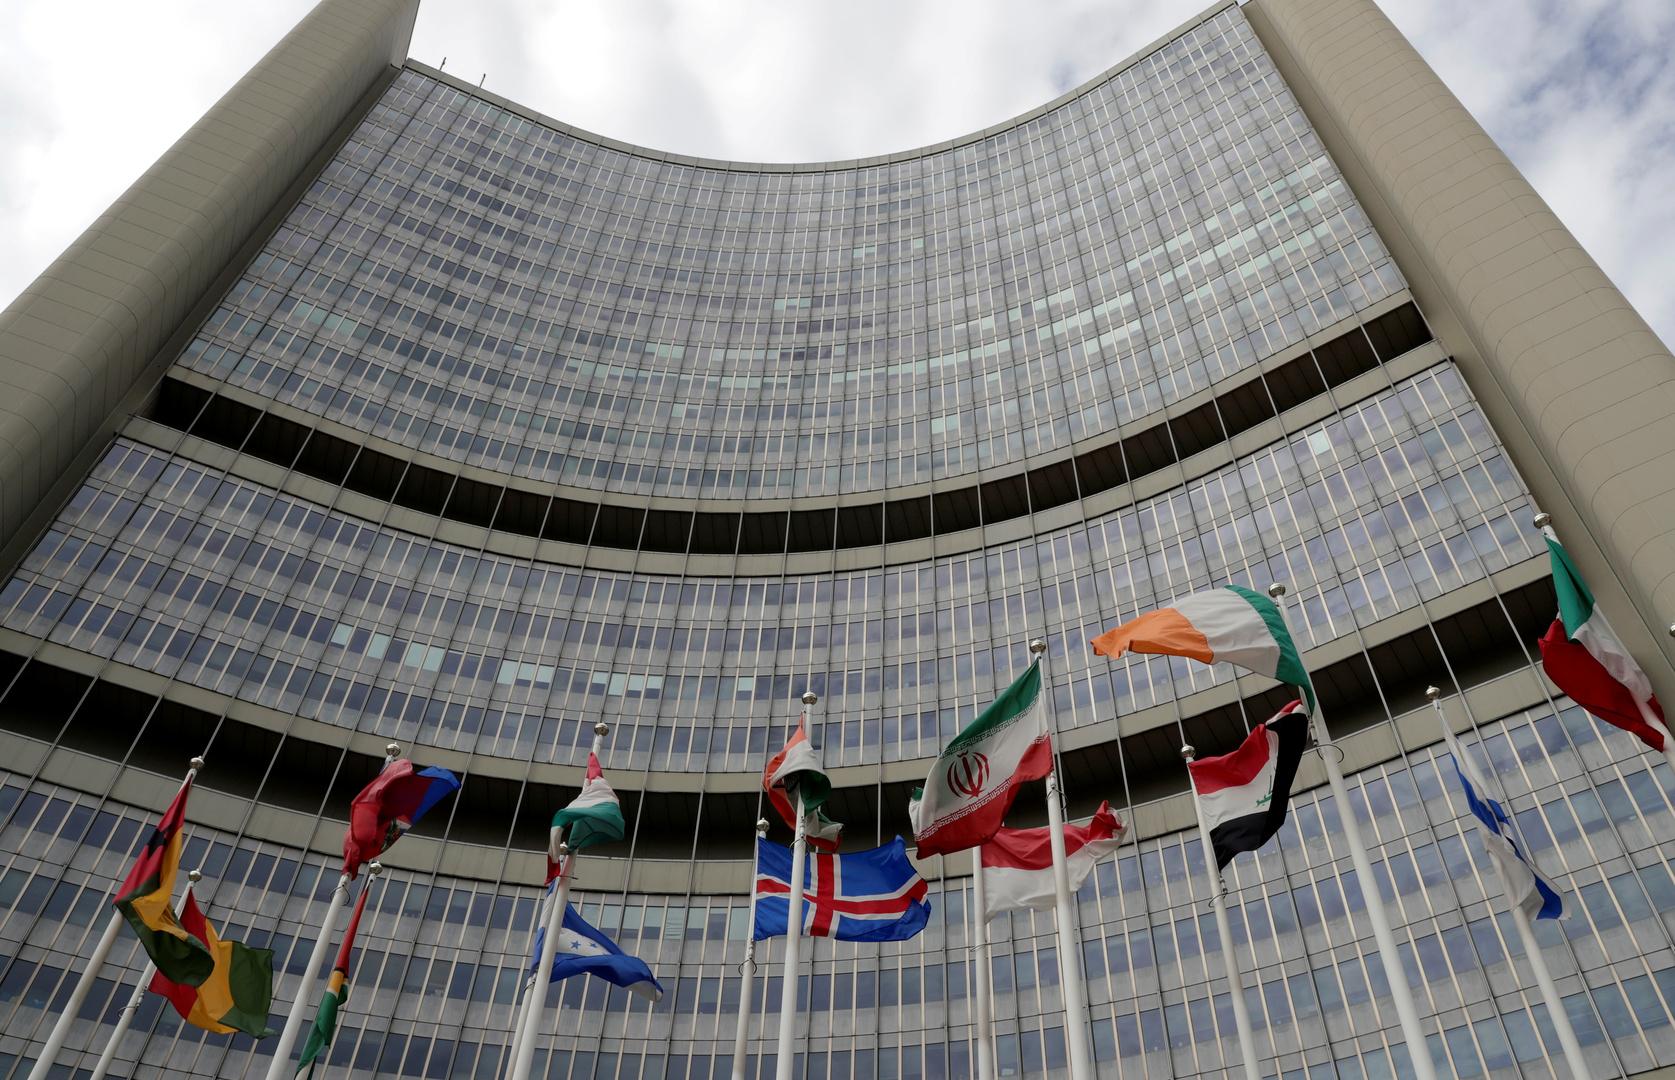 فرنسا وبريطانيا وألمانيا تفعل آلية فض النزاع في الاتفاق النووي الإيراني